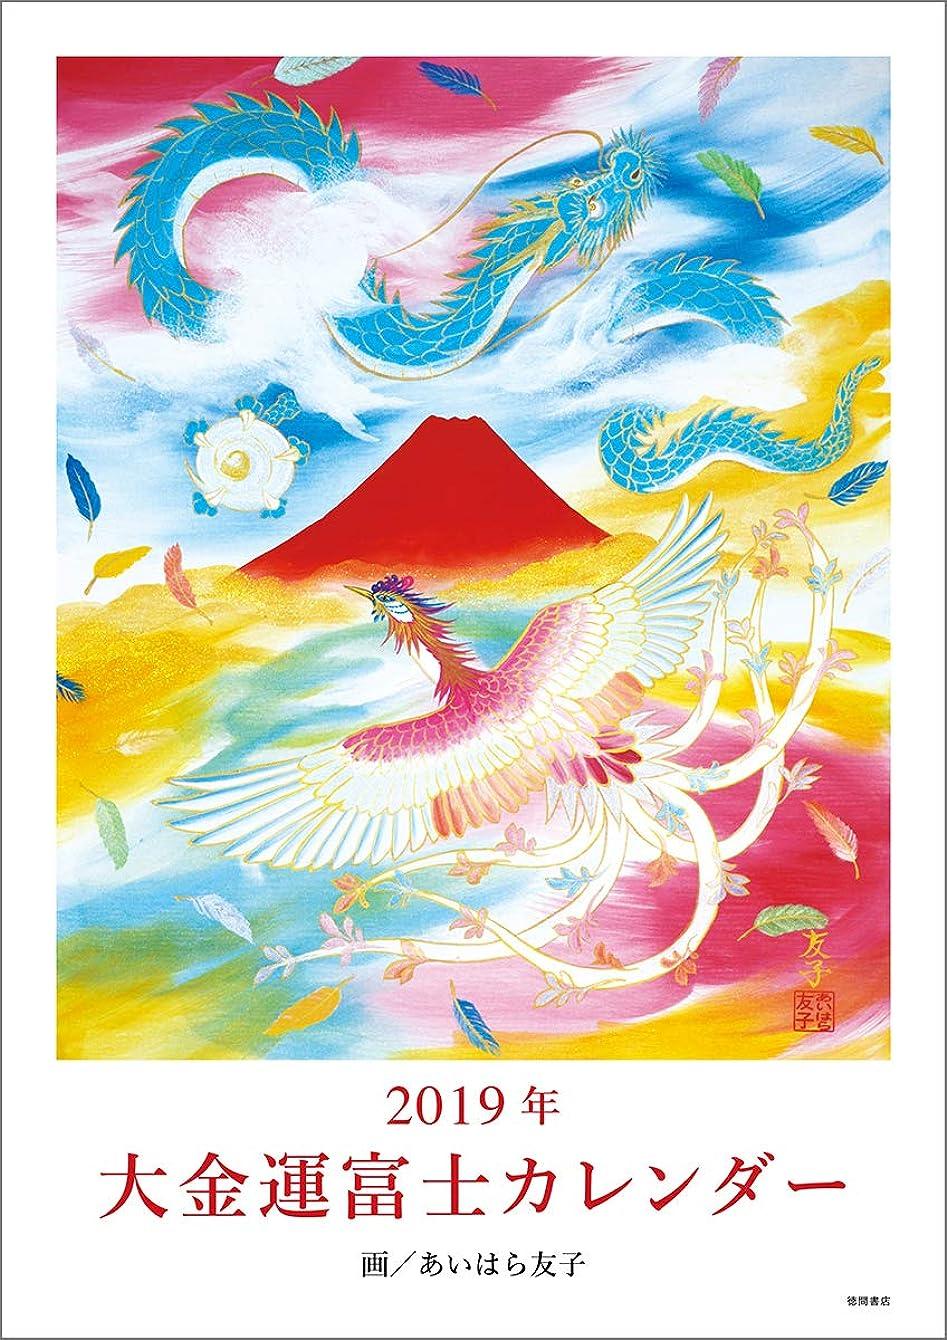 エキゾチックよろしく言語2019年 大金運富士カレンダー (マルチメディア)